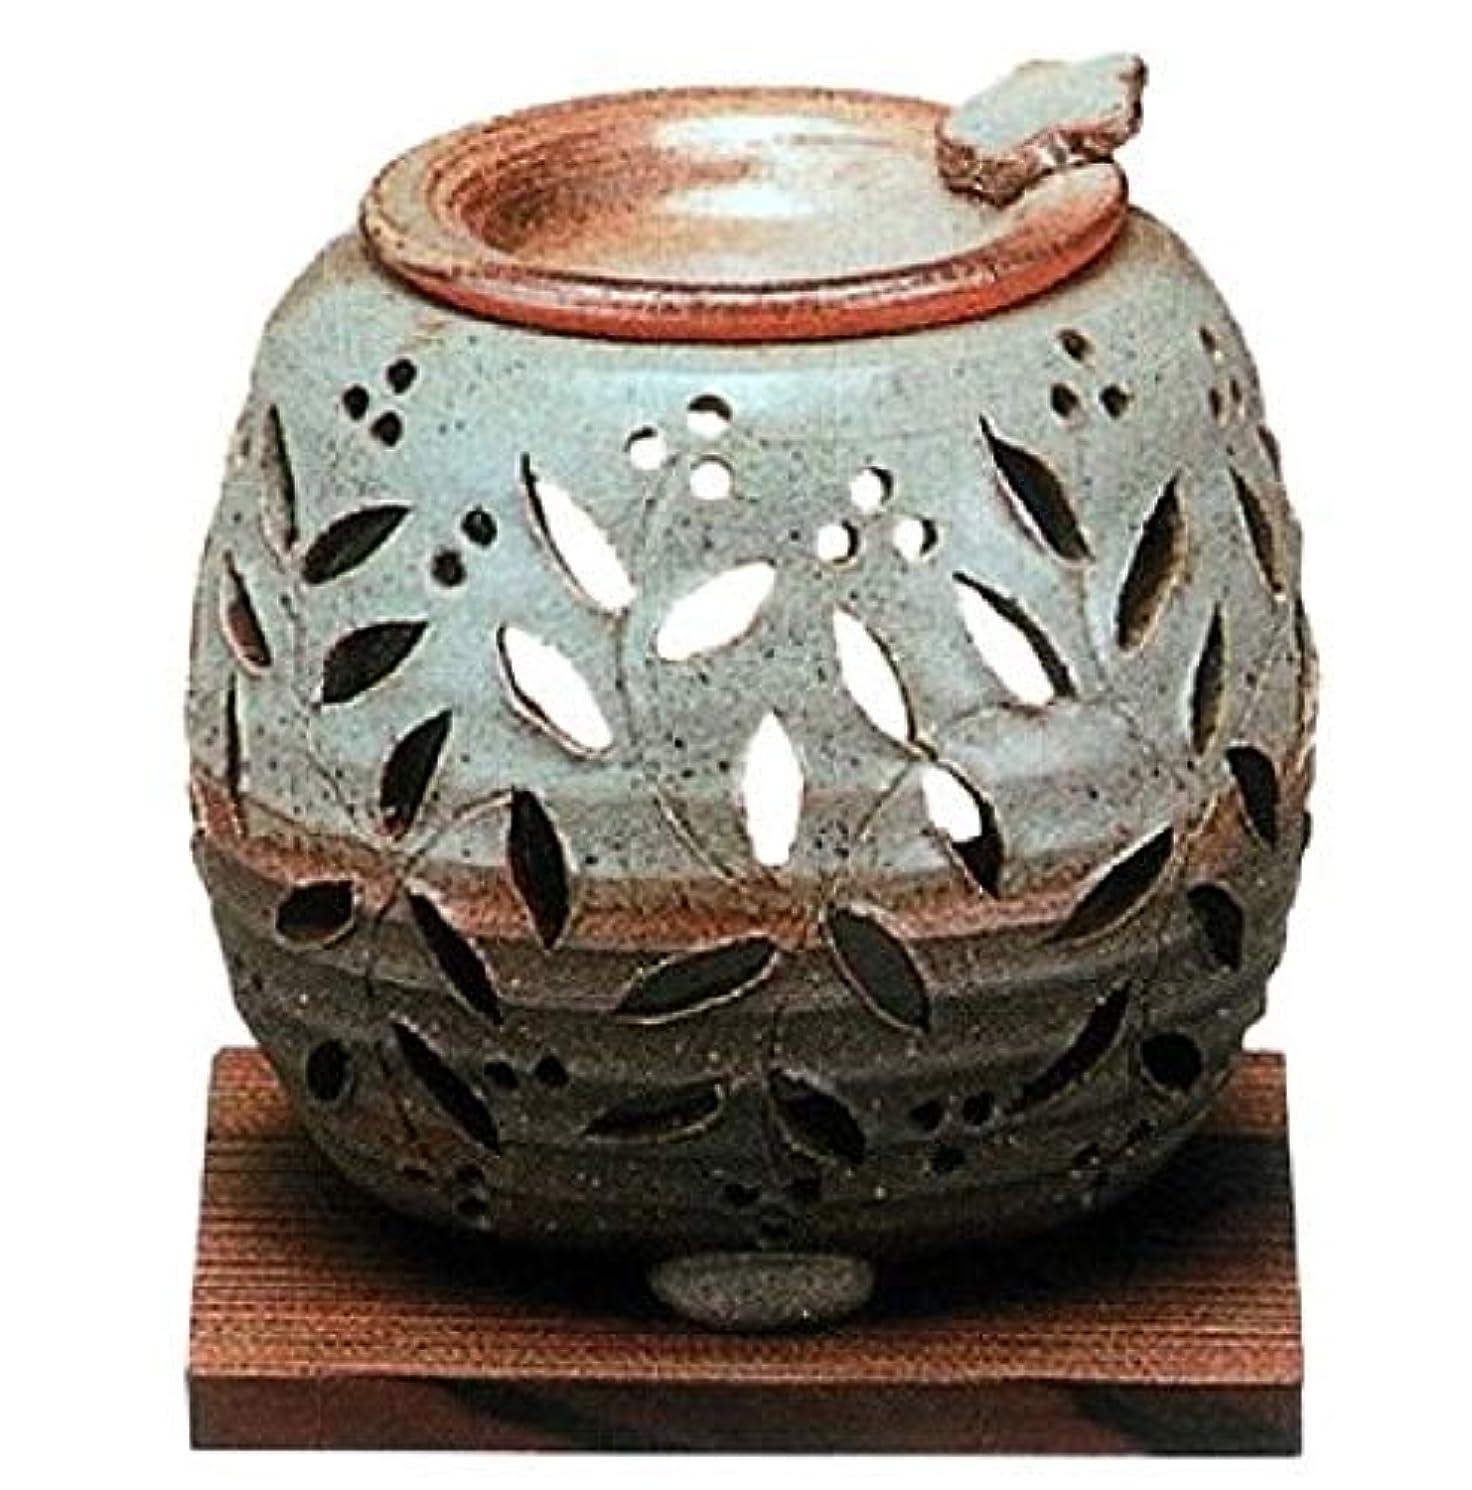 同化する悪因子はちみつ常滑焼?石龍窯 カ38-10 茶香炉 焼杉板付 径10×10cm